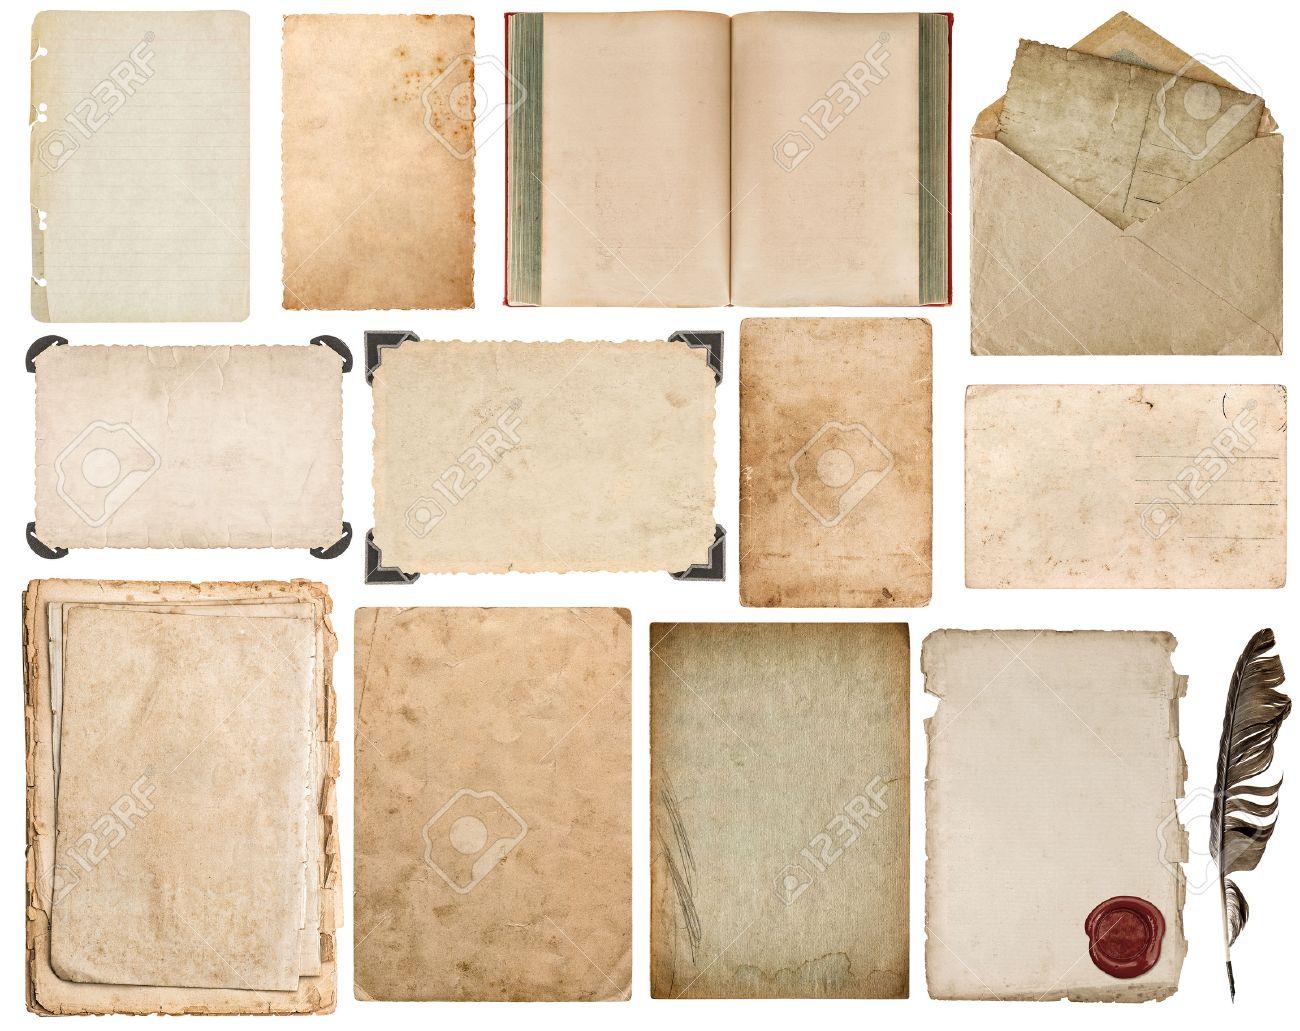 Hoja De Papel, Libros, Sobres, Cartón, Marco De Fotos Con La Esquina ...